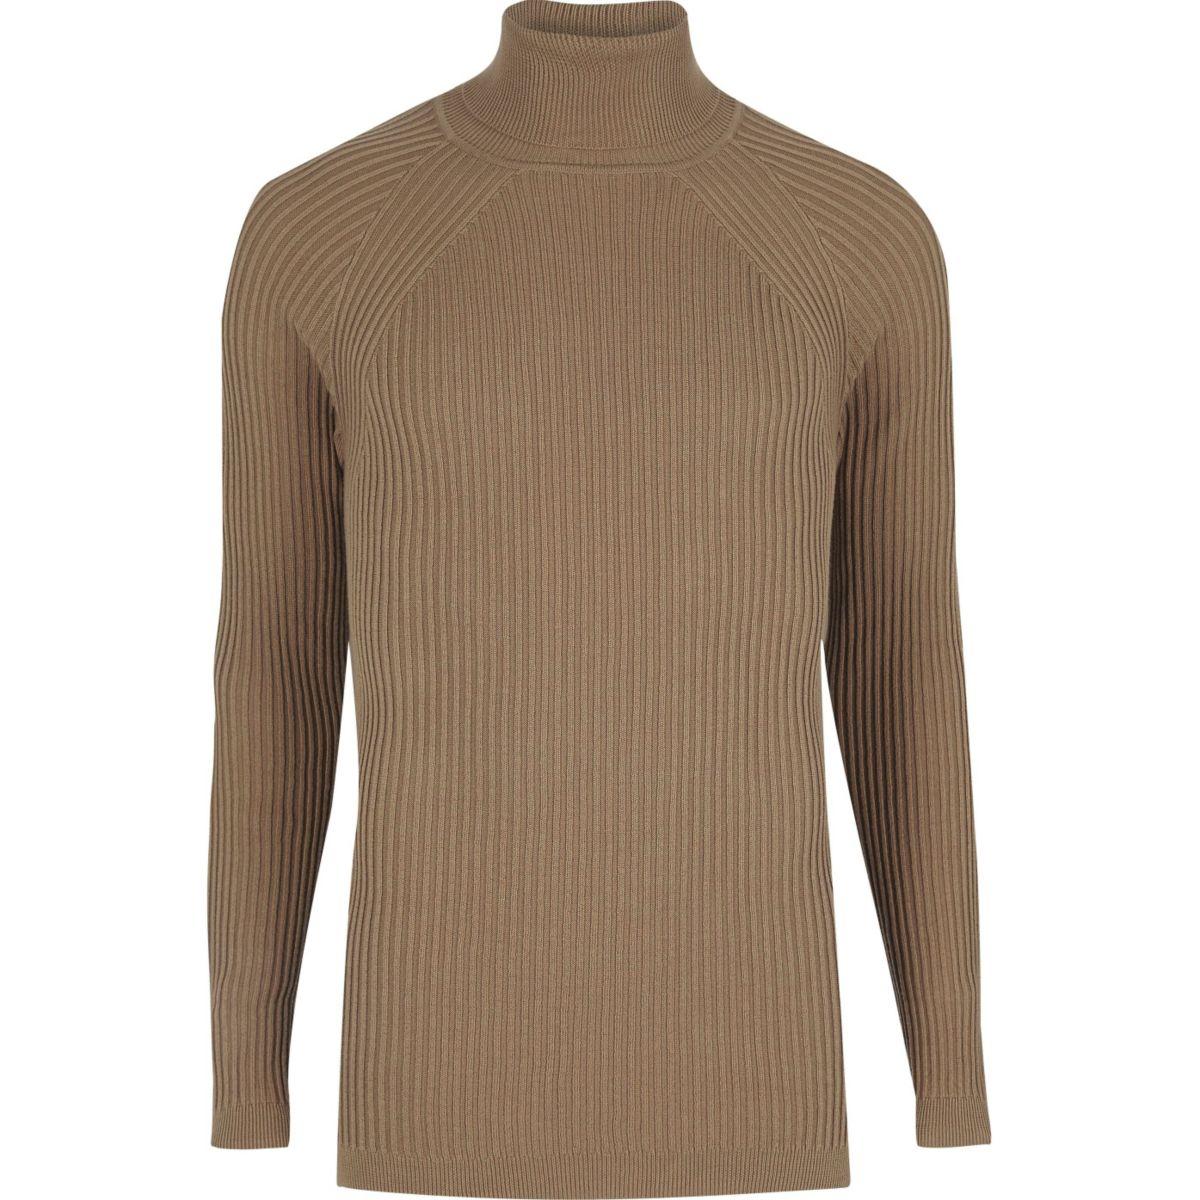 Light brown slim fit roll neck jumper